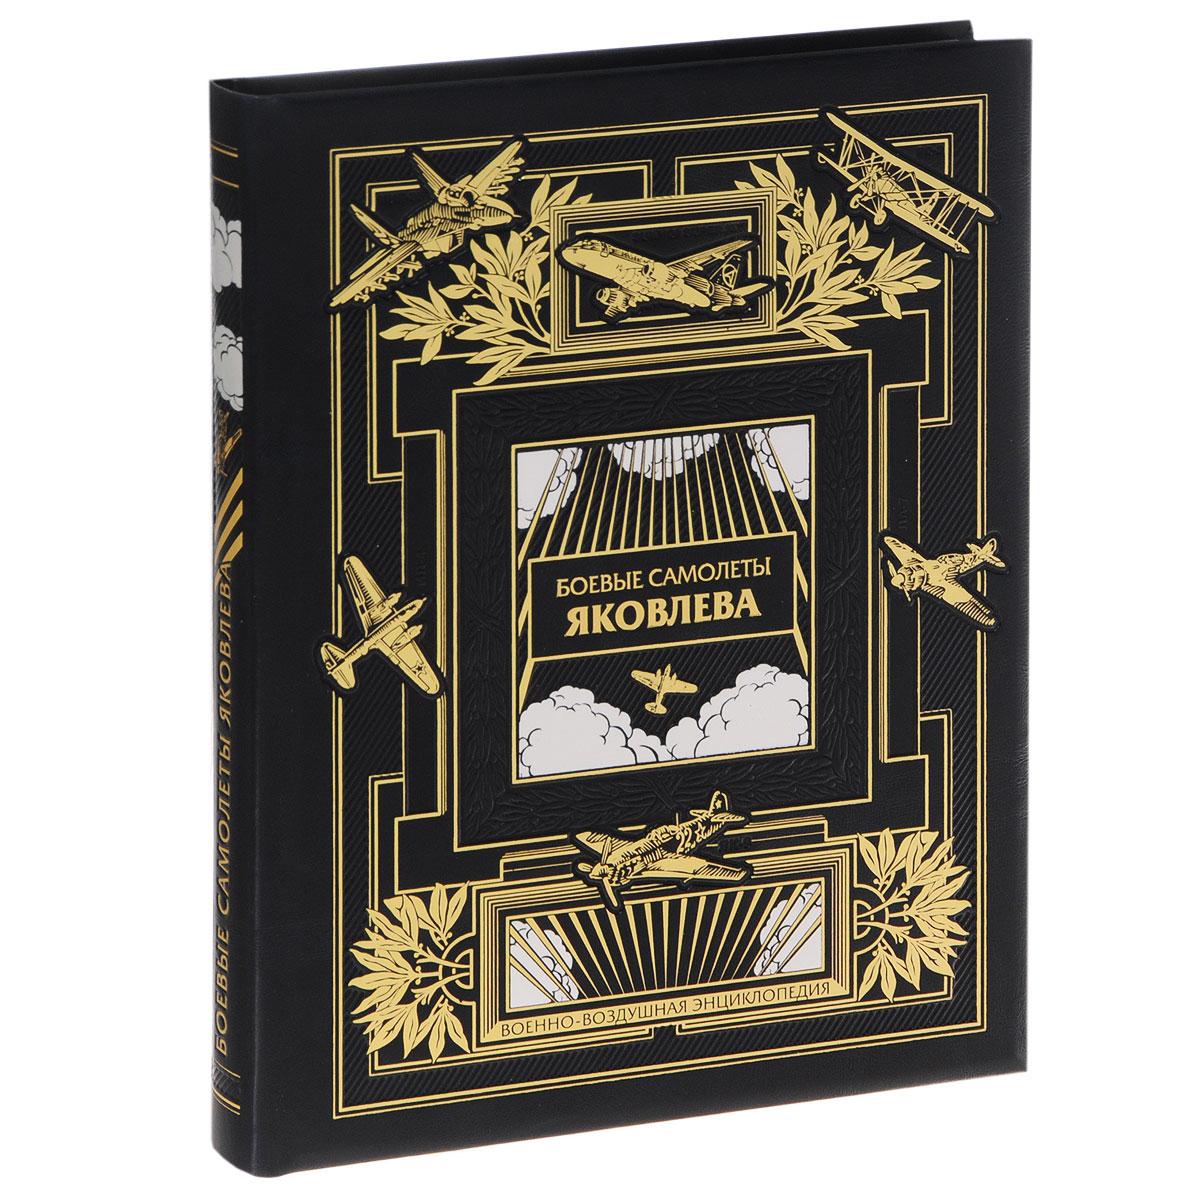 Боевые самолеты Яковлева (эксклюзивное подарочное издание)